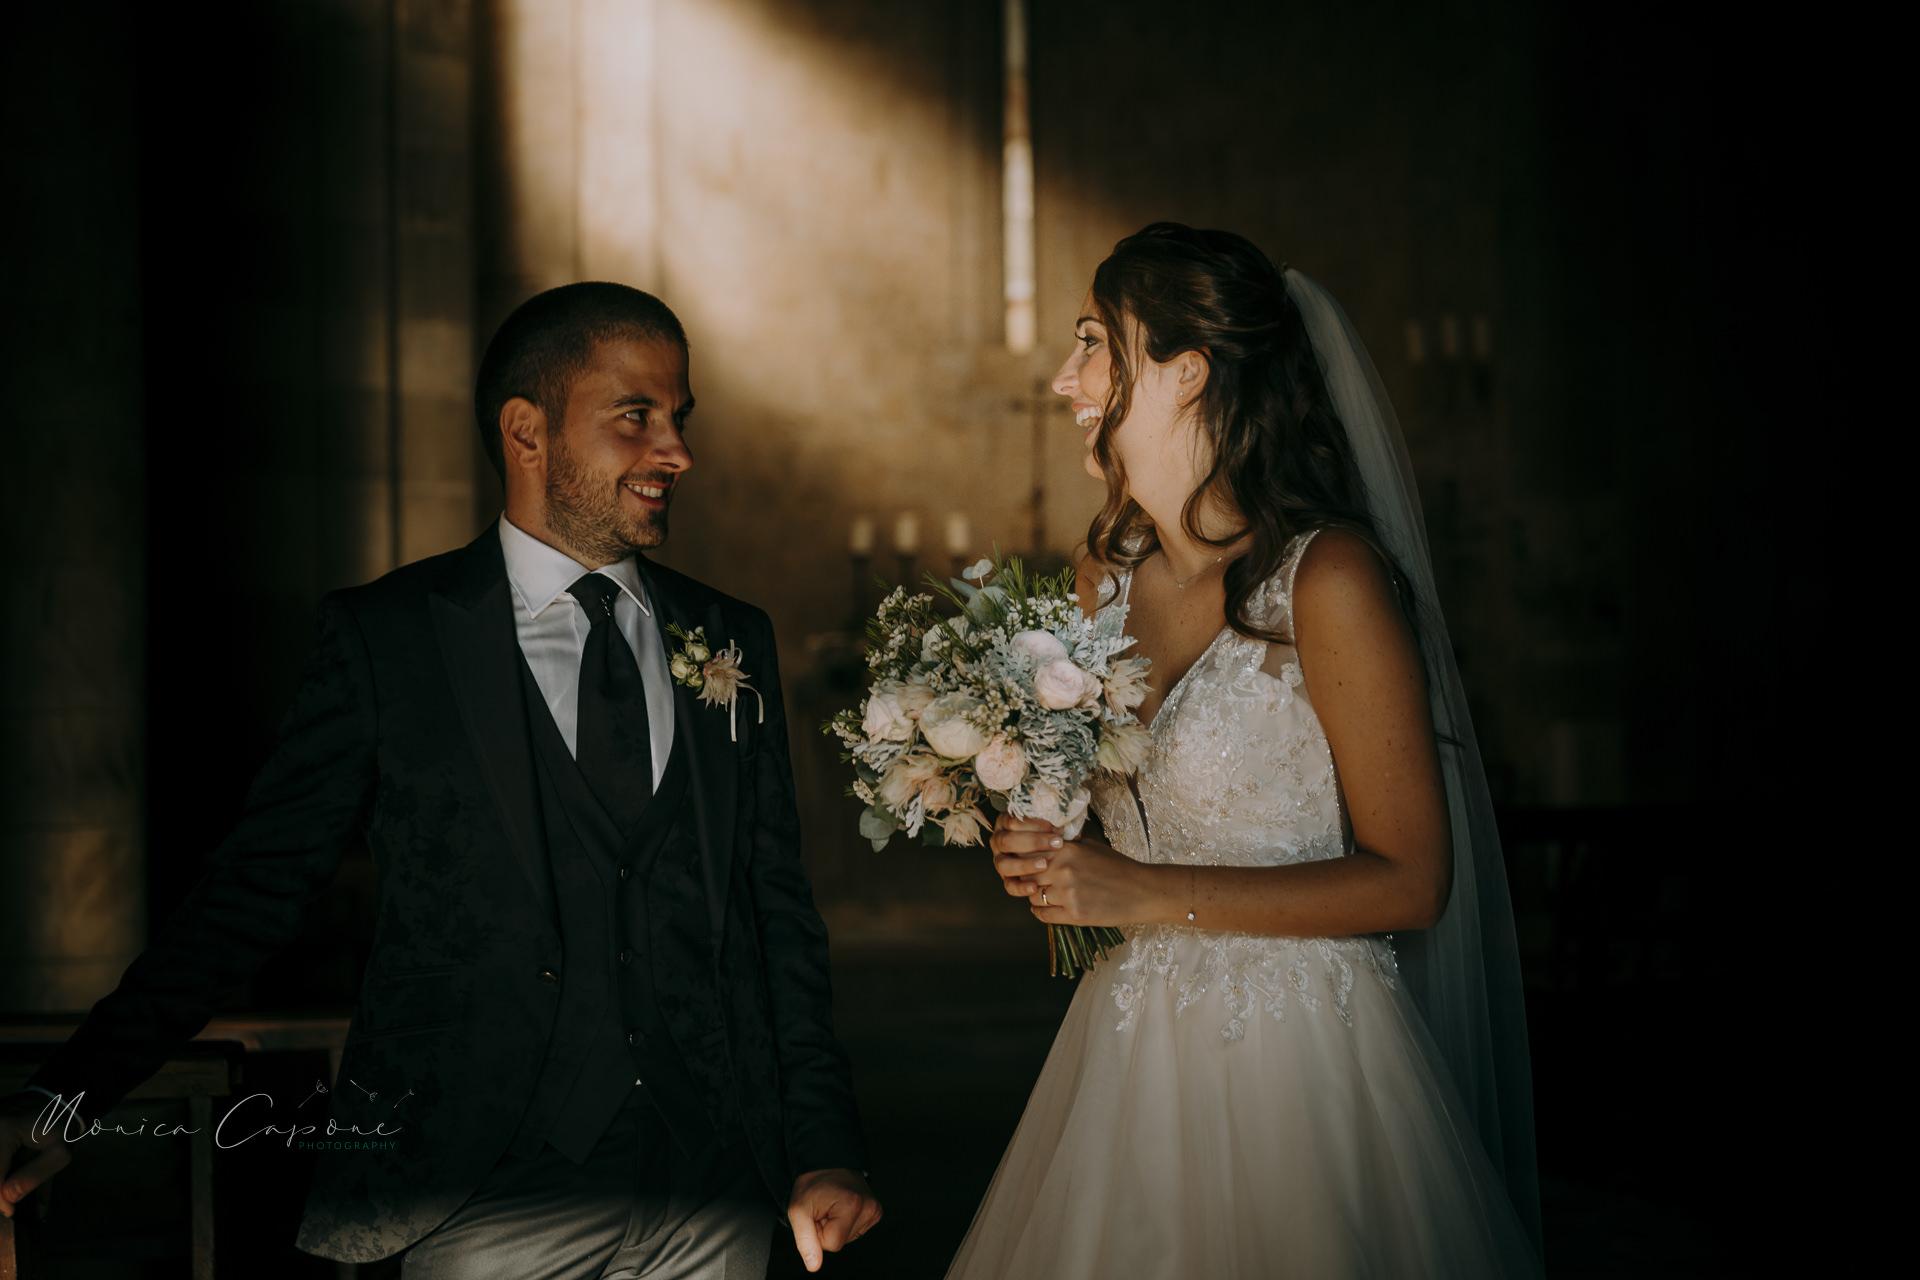 matrimonio-a-siena